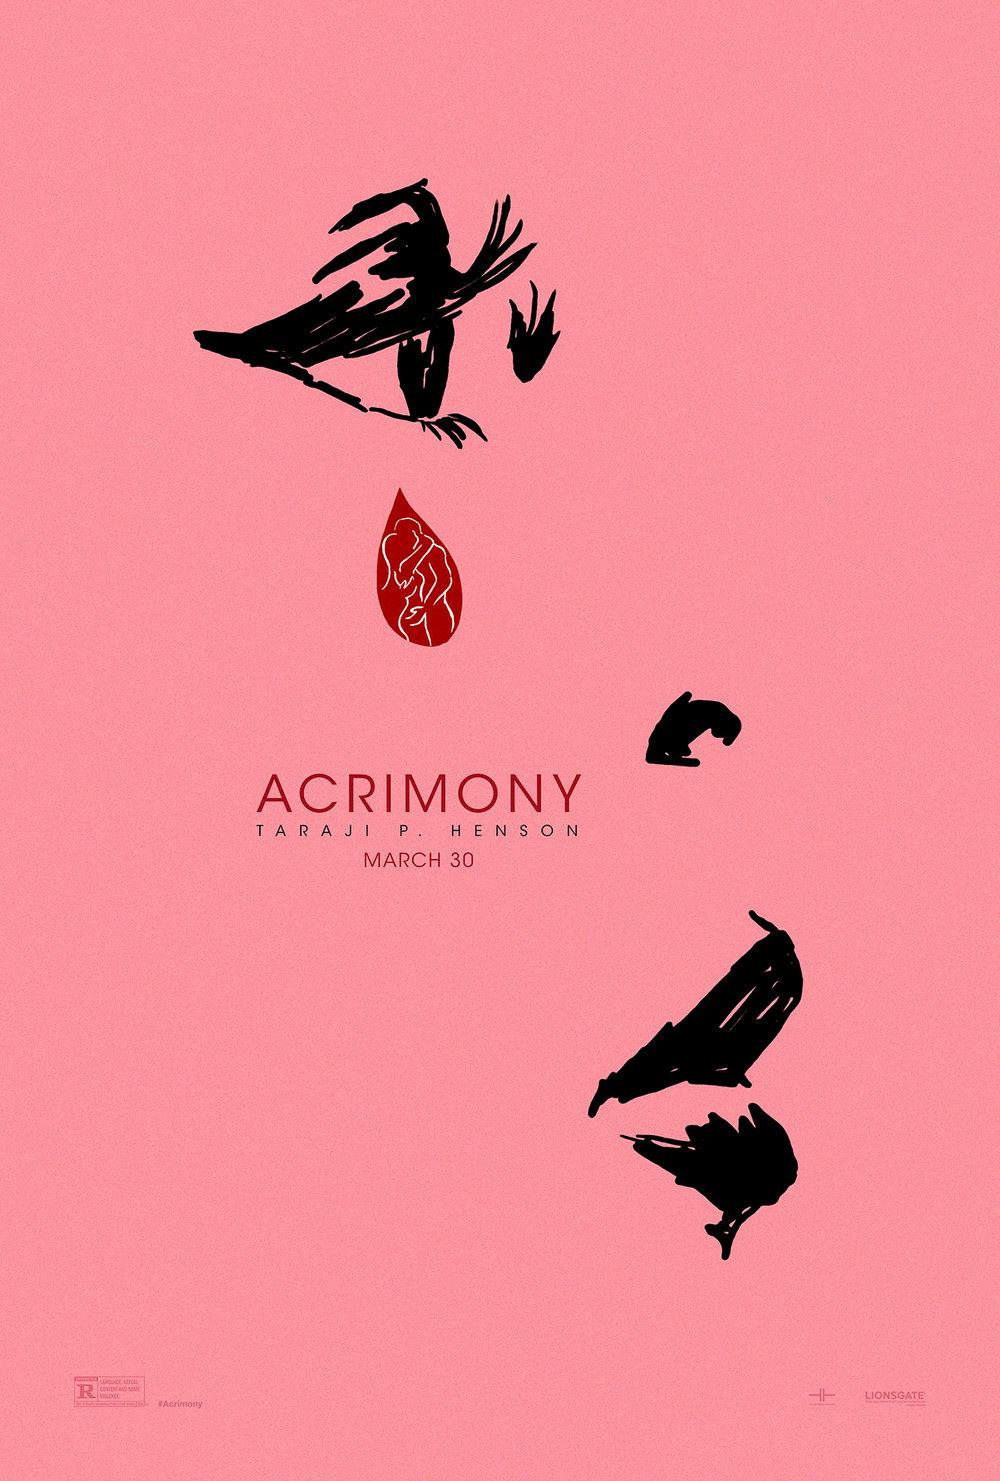 Acrimony_1Sht_Teaser_Online_100dpi.jpg